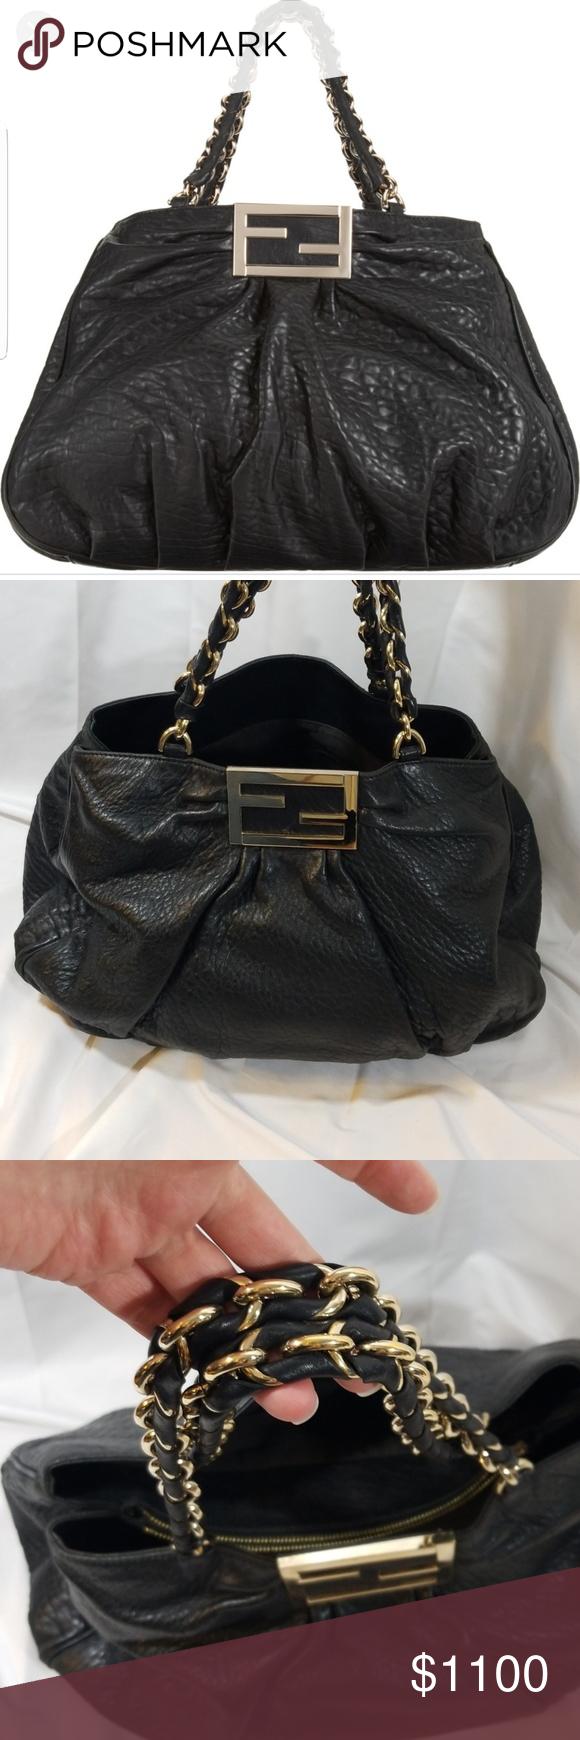 Fendi Mia Grande tote in black Napa leather Authentic 156411b58c25